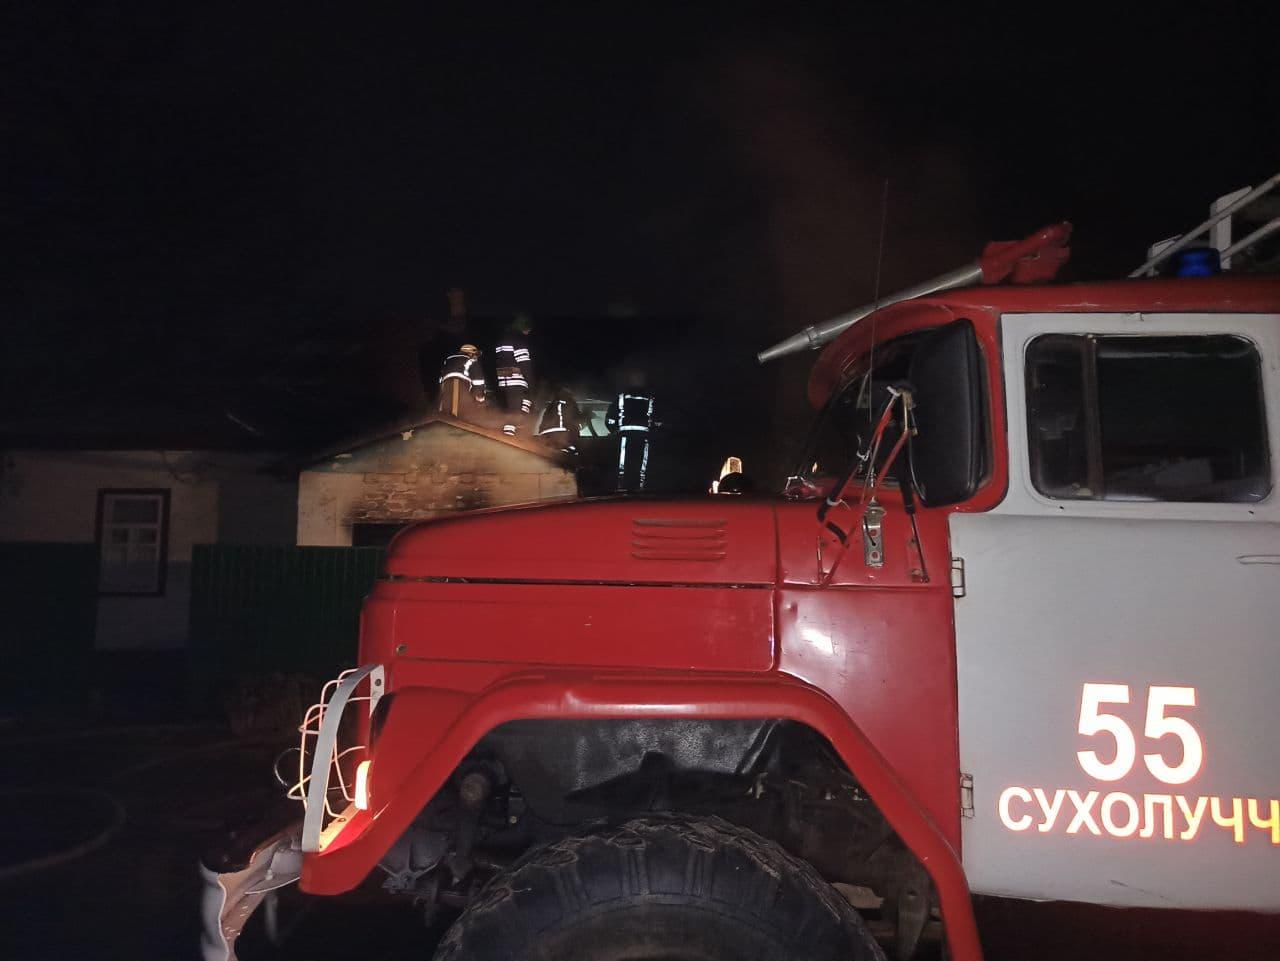 Нічна пожежа на Вишгородщині: загинула бабуся - смерть, рятувальники, пожежа будинку, Димер, Вишгородський район - Pozh2